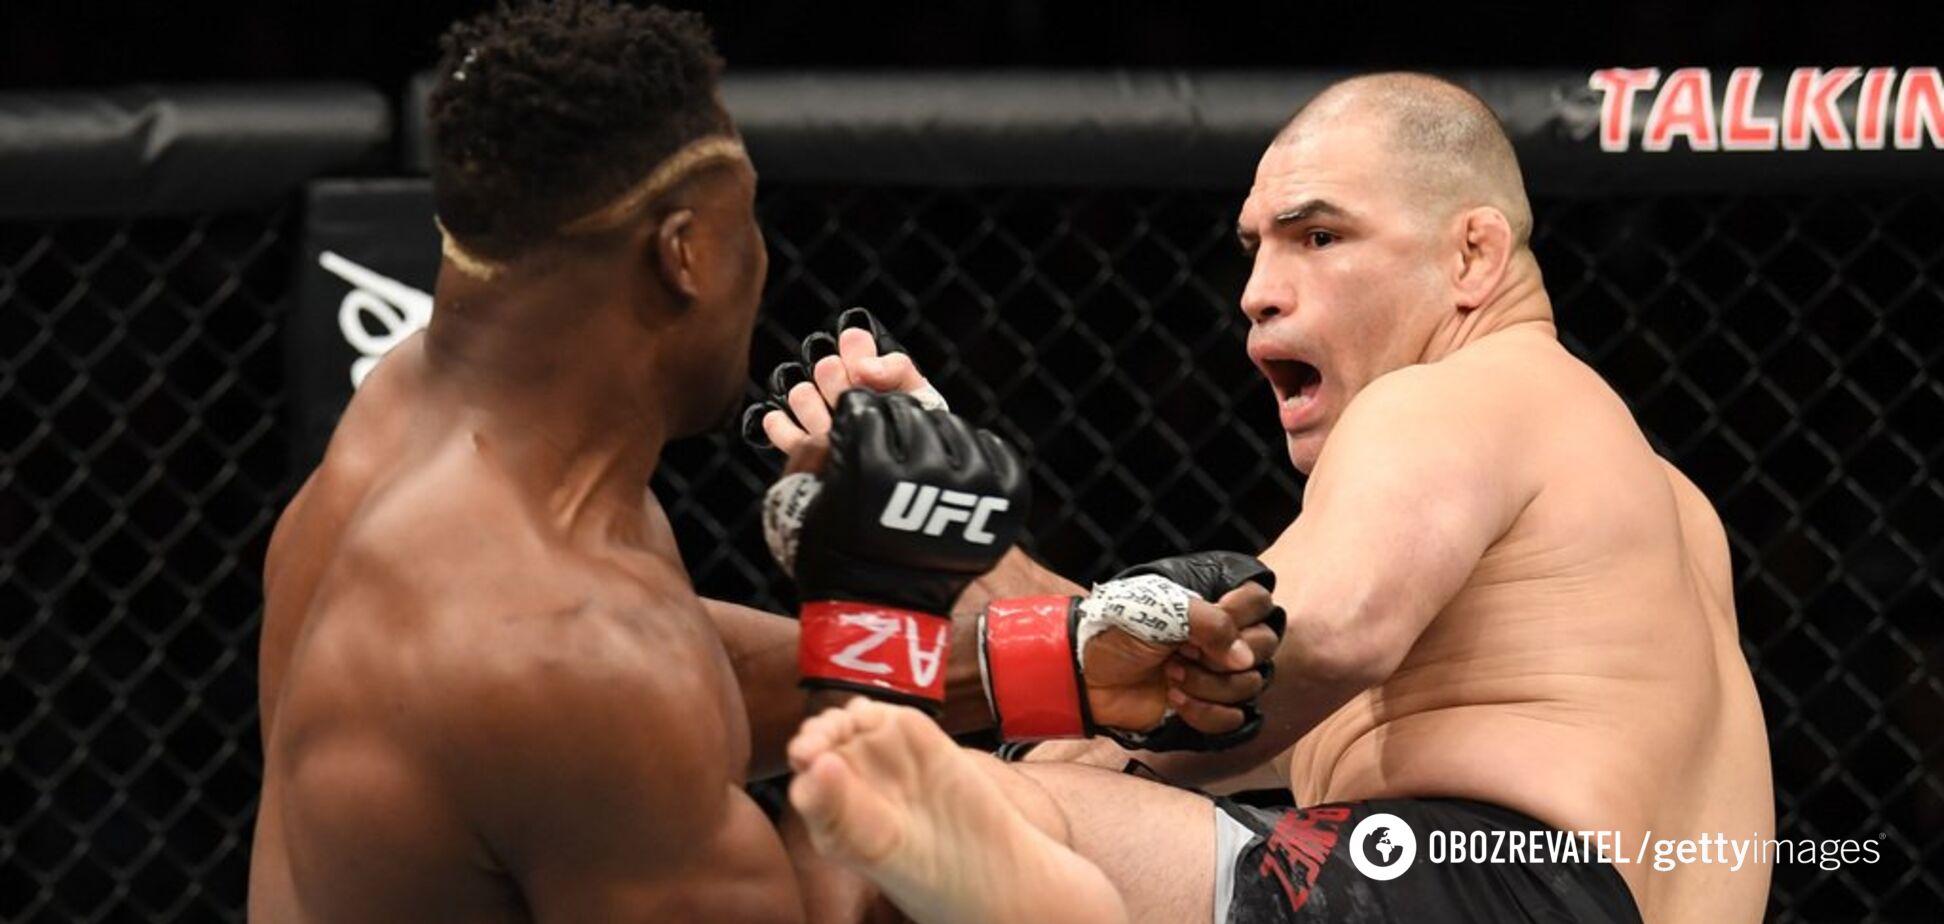 Бой в UFC закончился сенсационным нокаутом за 26 секунд - видеофакт